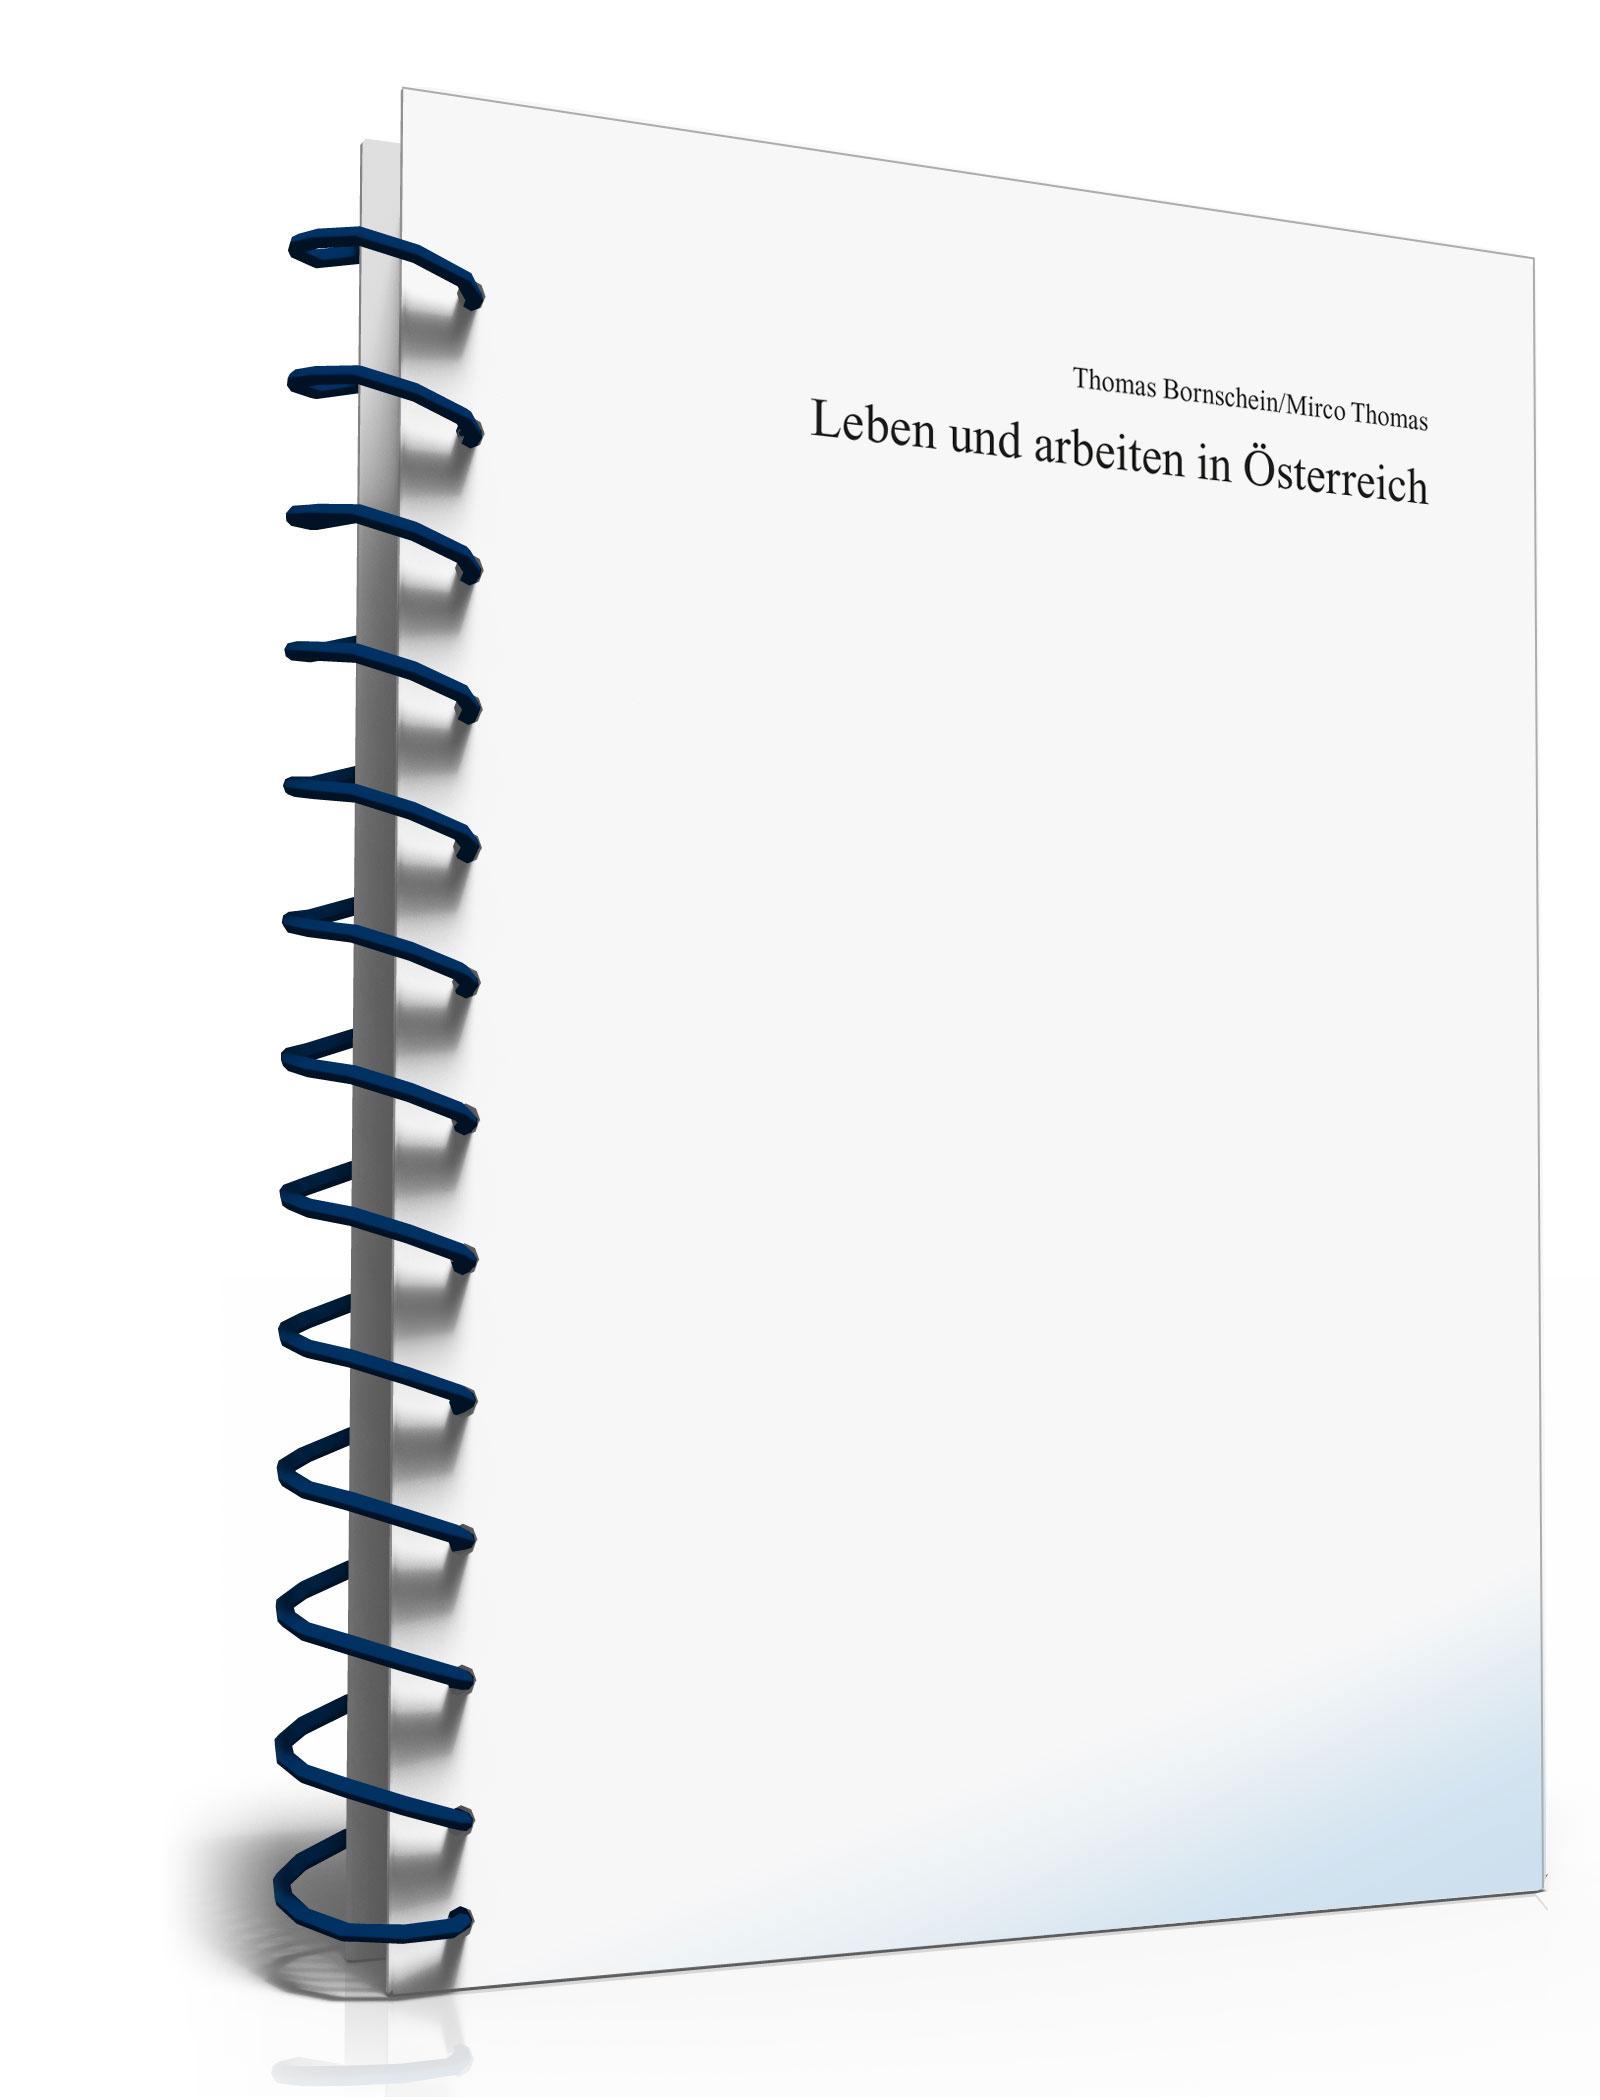 Download Archiv Checklisten Kostenpflichtig Dokumente Vorlagen